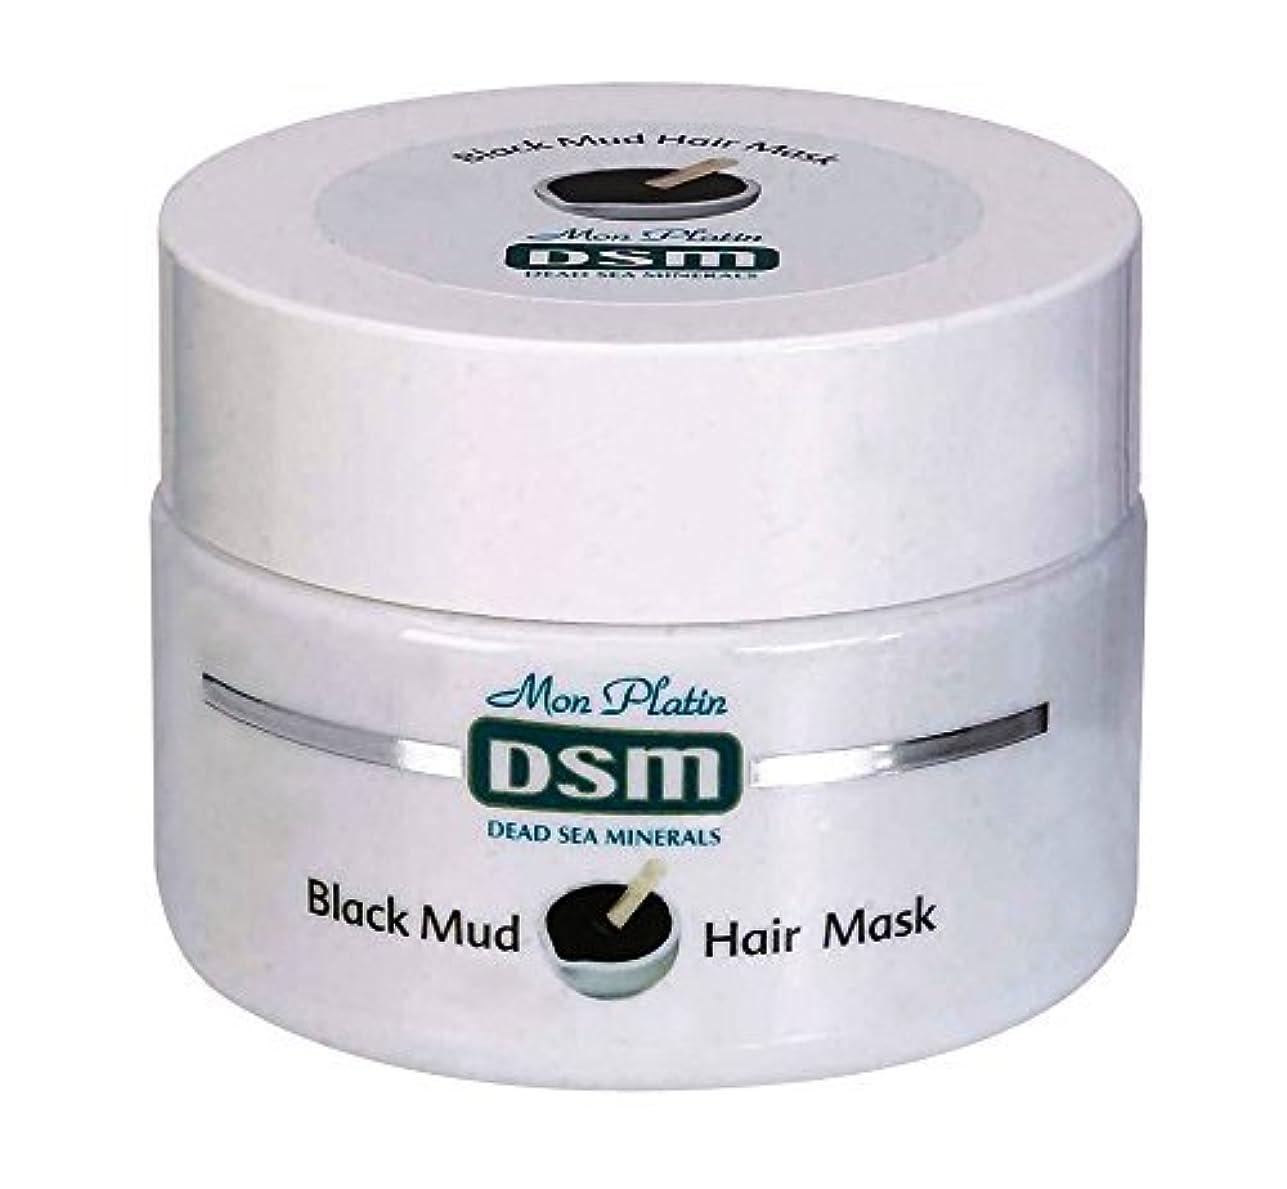 火山学者最小化する入場頭皮と髪のための髪の泥マスク 250mL 死海ミネラル 天然 お手入れ 美容 イスラエル 全皮膚タイプ ビタミン (Mud Hair Mask  for Scalp & Hair)